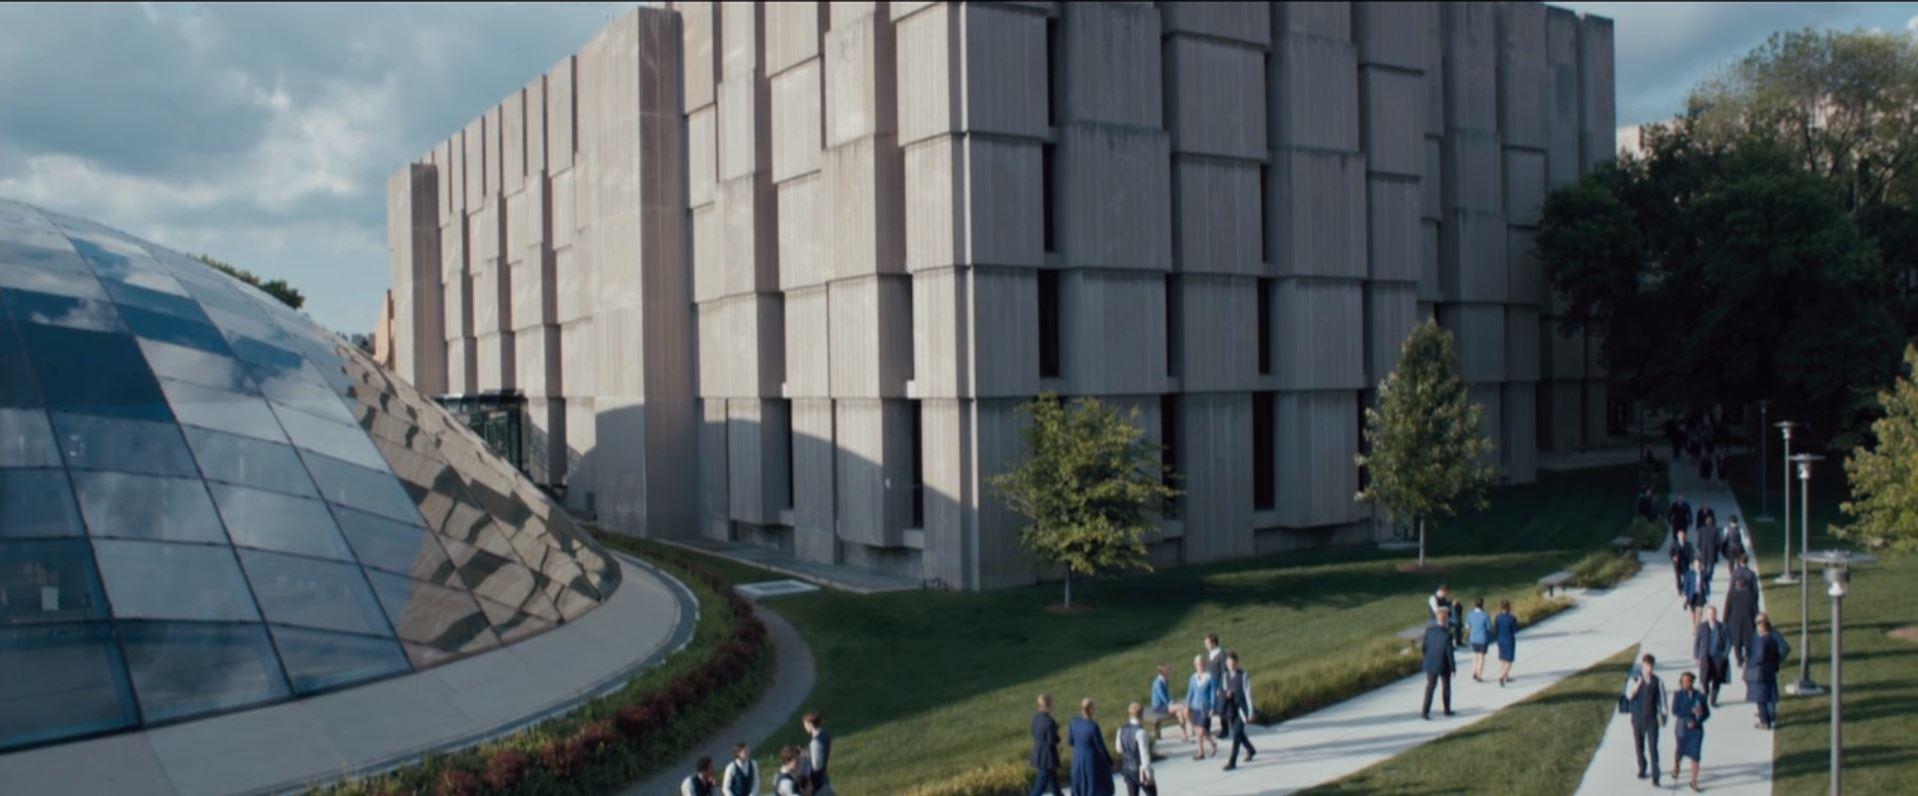 Divergent trailer « Fangirling Central